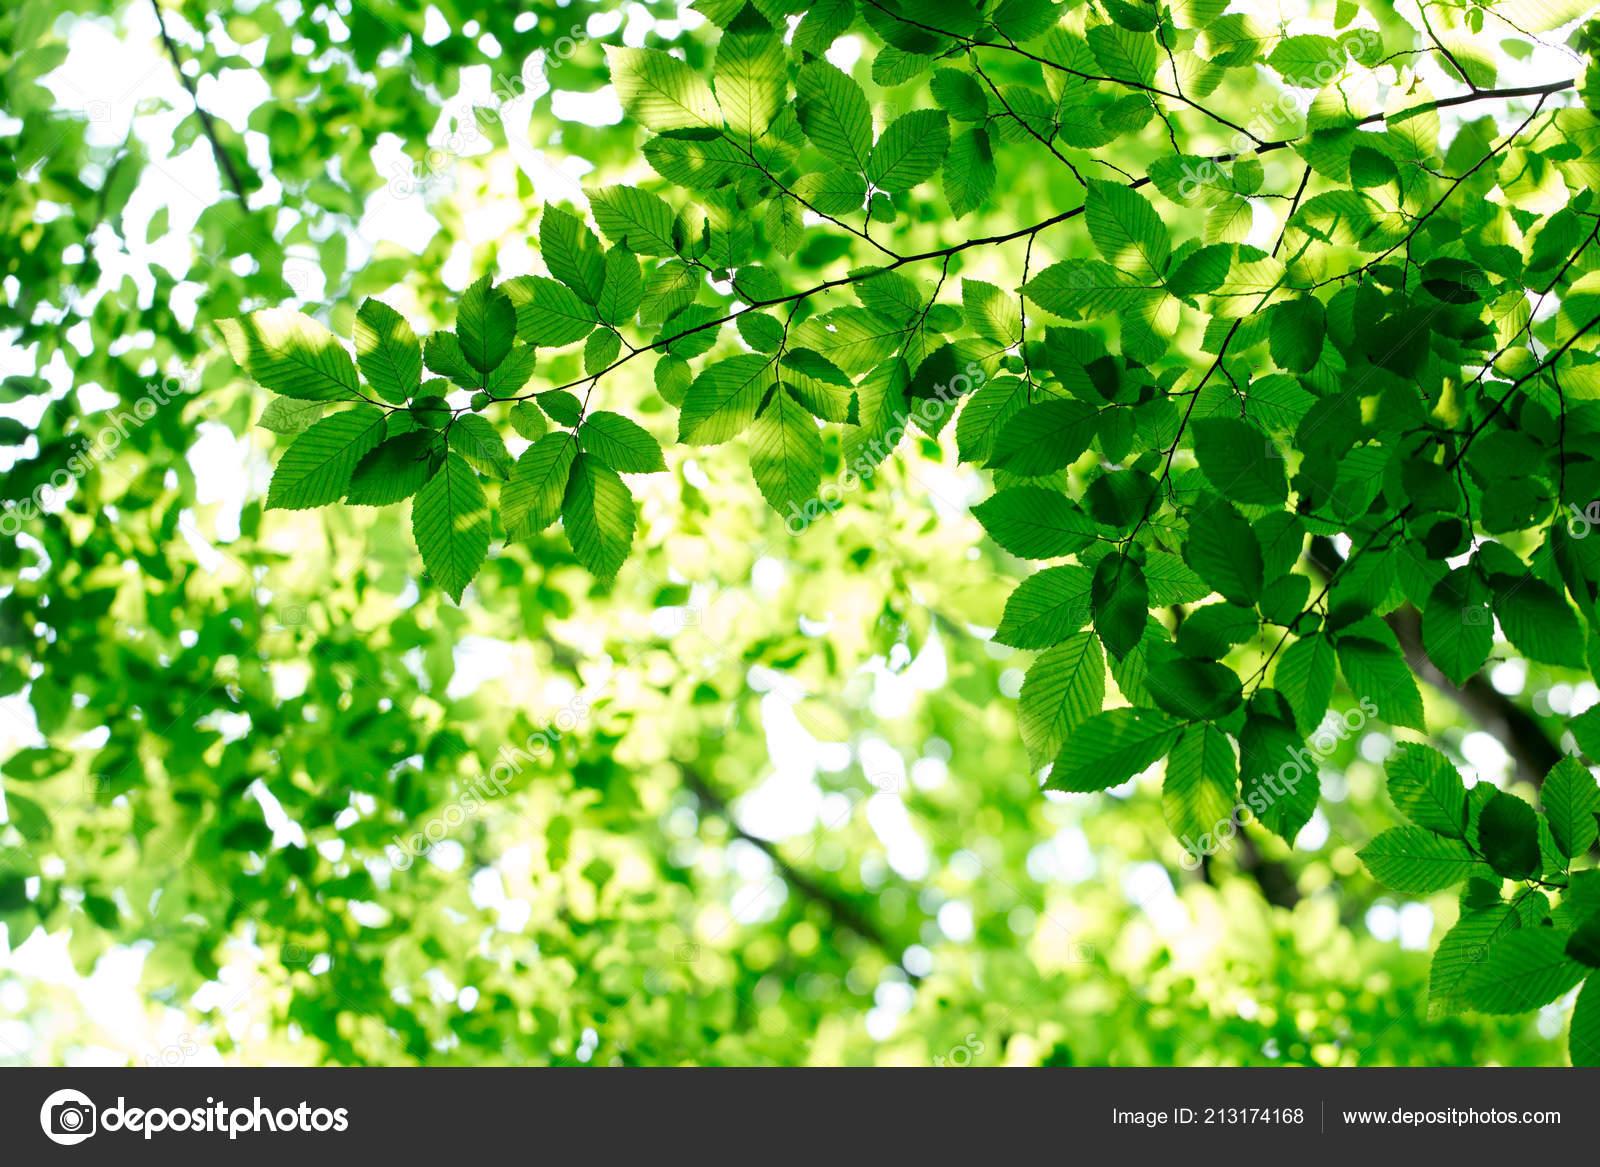 Immagini Foglie Sfondi Foglie Verdi Sfondi Verde Foto Stock